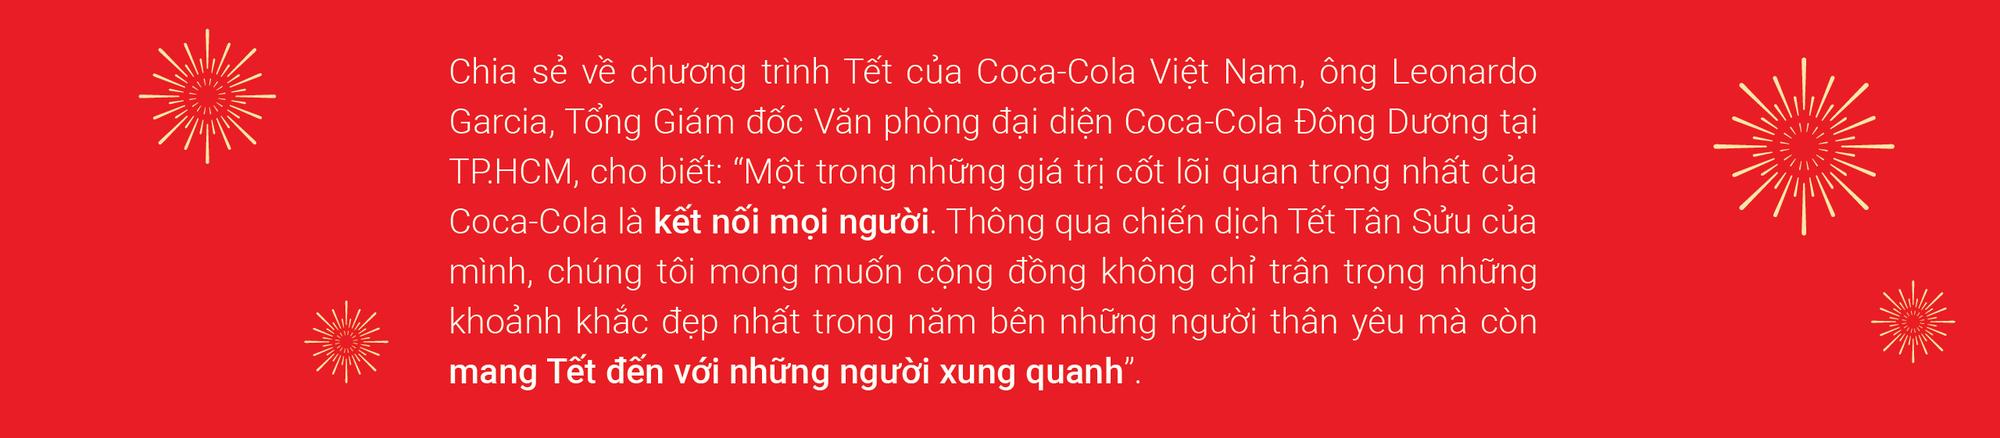 Én vàng, sắc đỏ và hành trình lan toả Tết diệu kỳ của Coca-cola sau năm nhiều biến động - Ảnh 8.